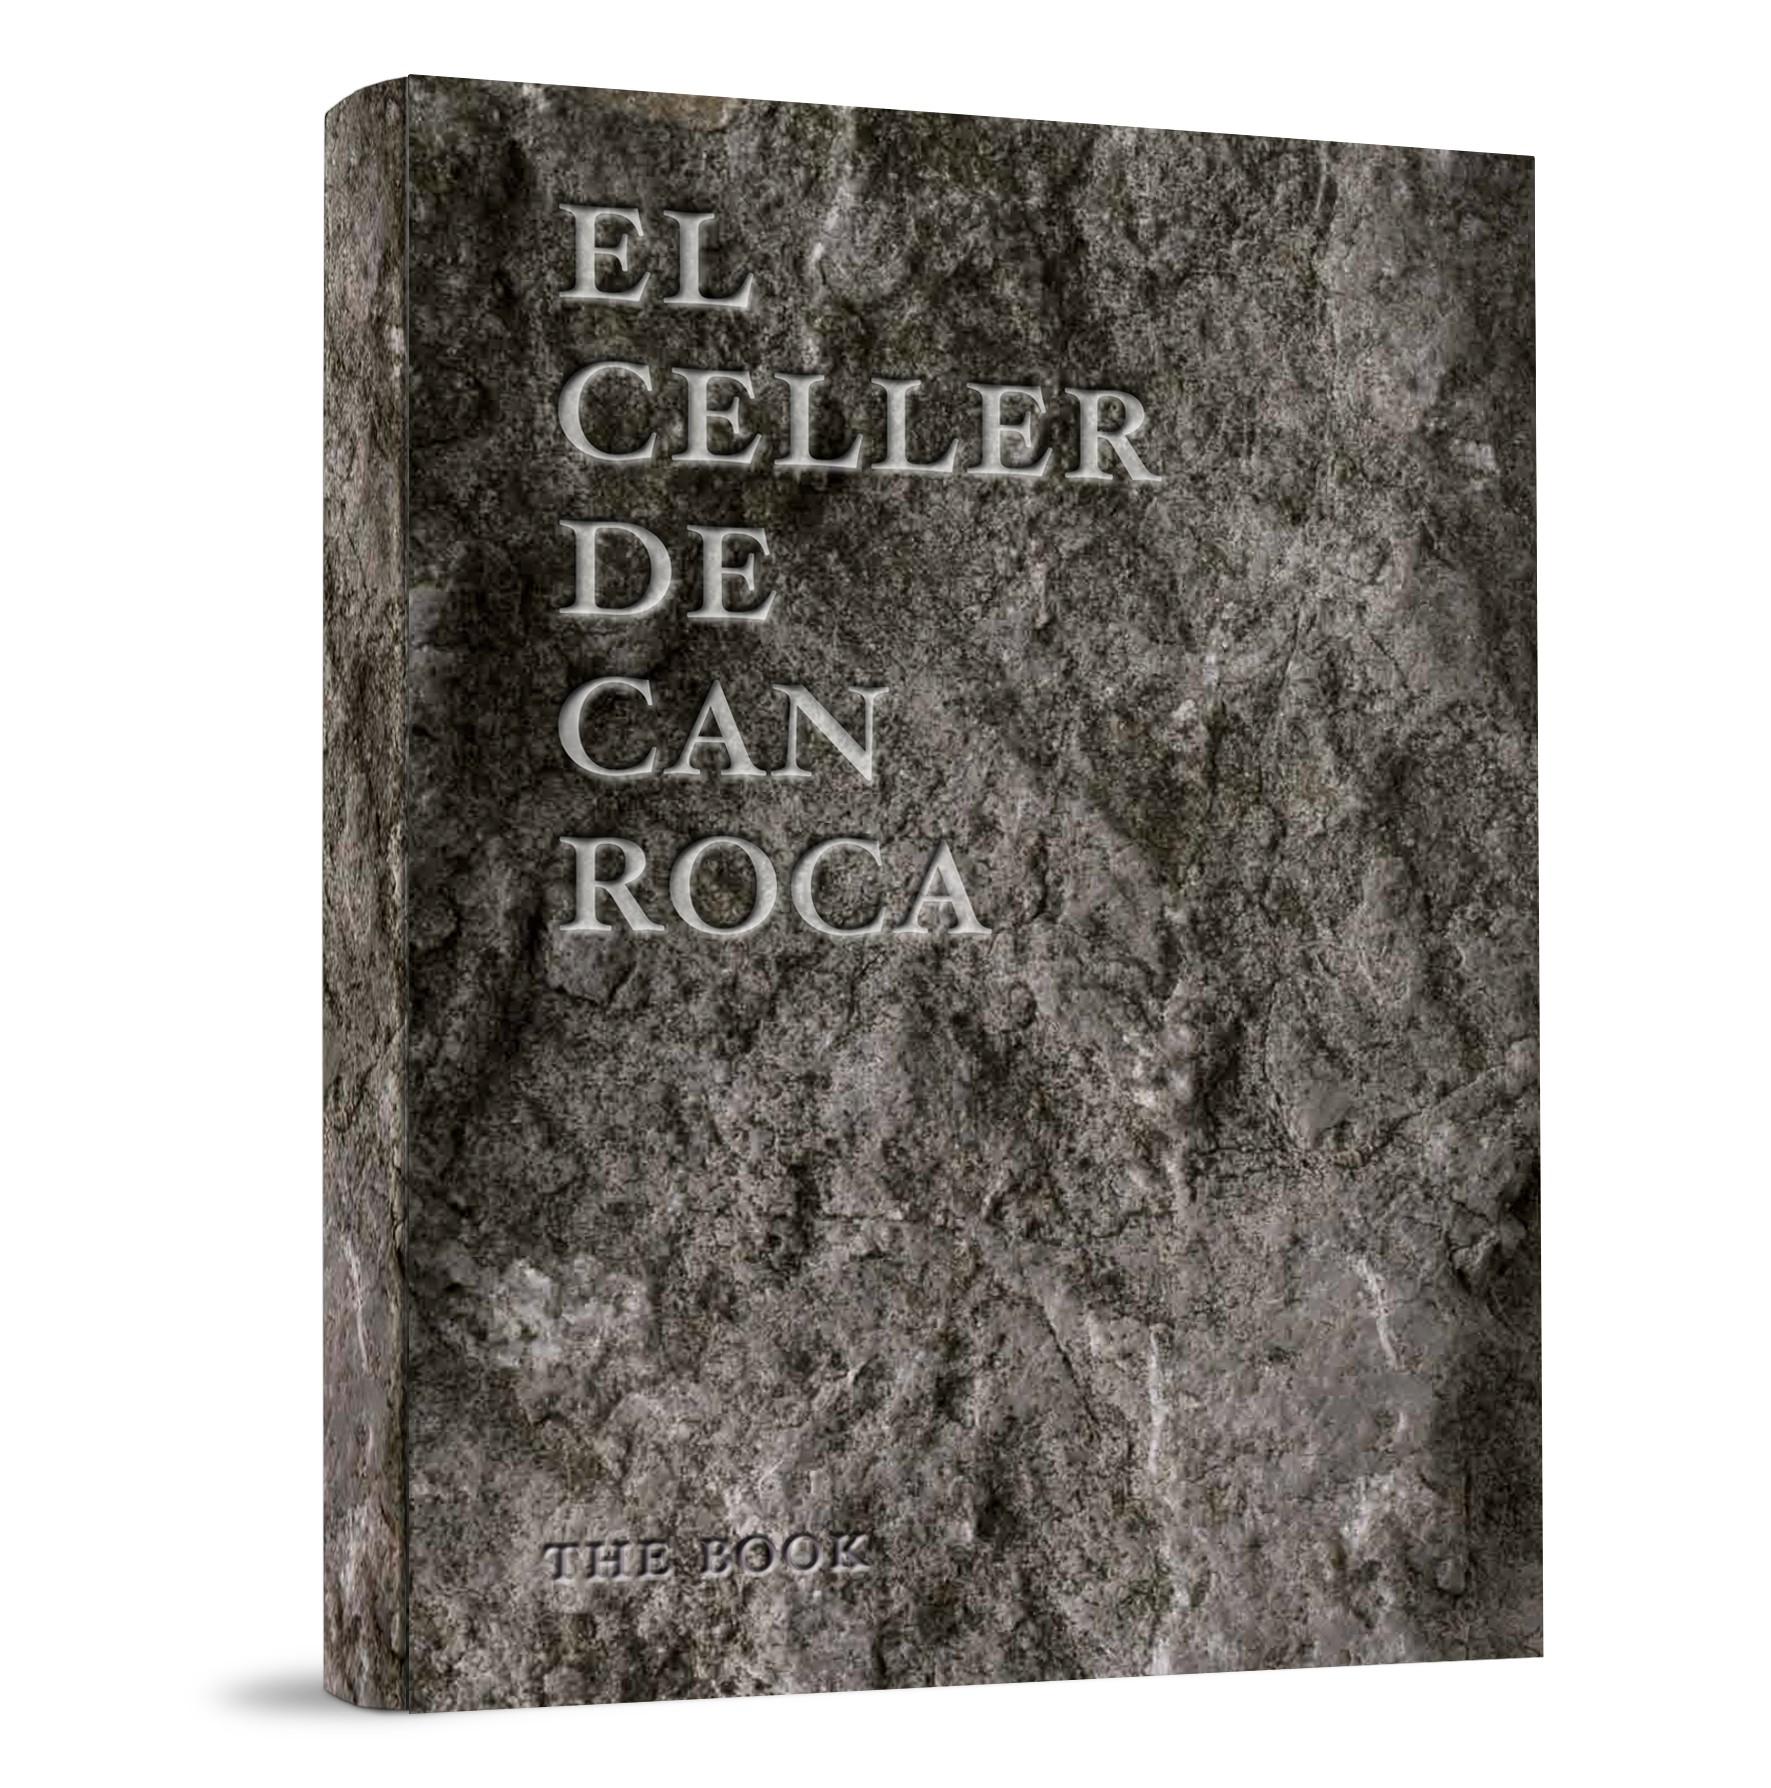 El libro de El Celler de Can Roca